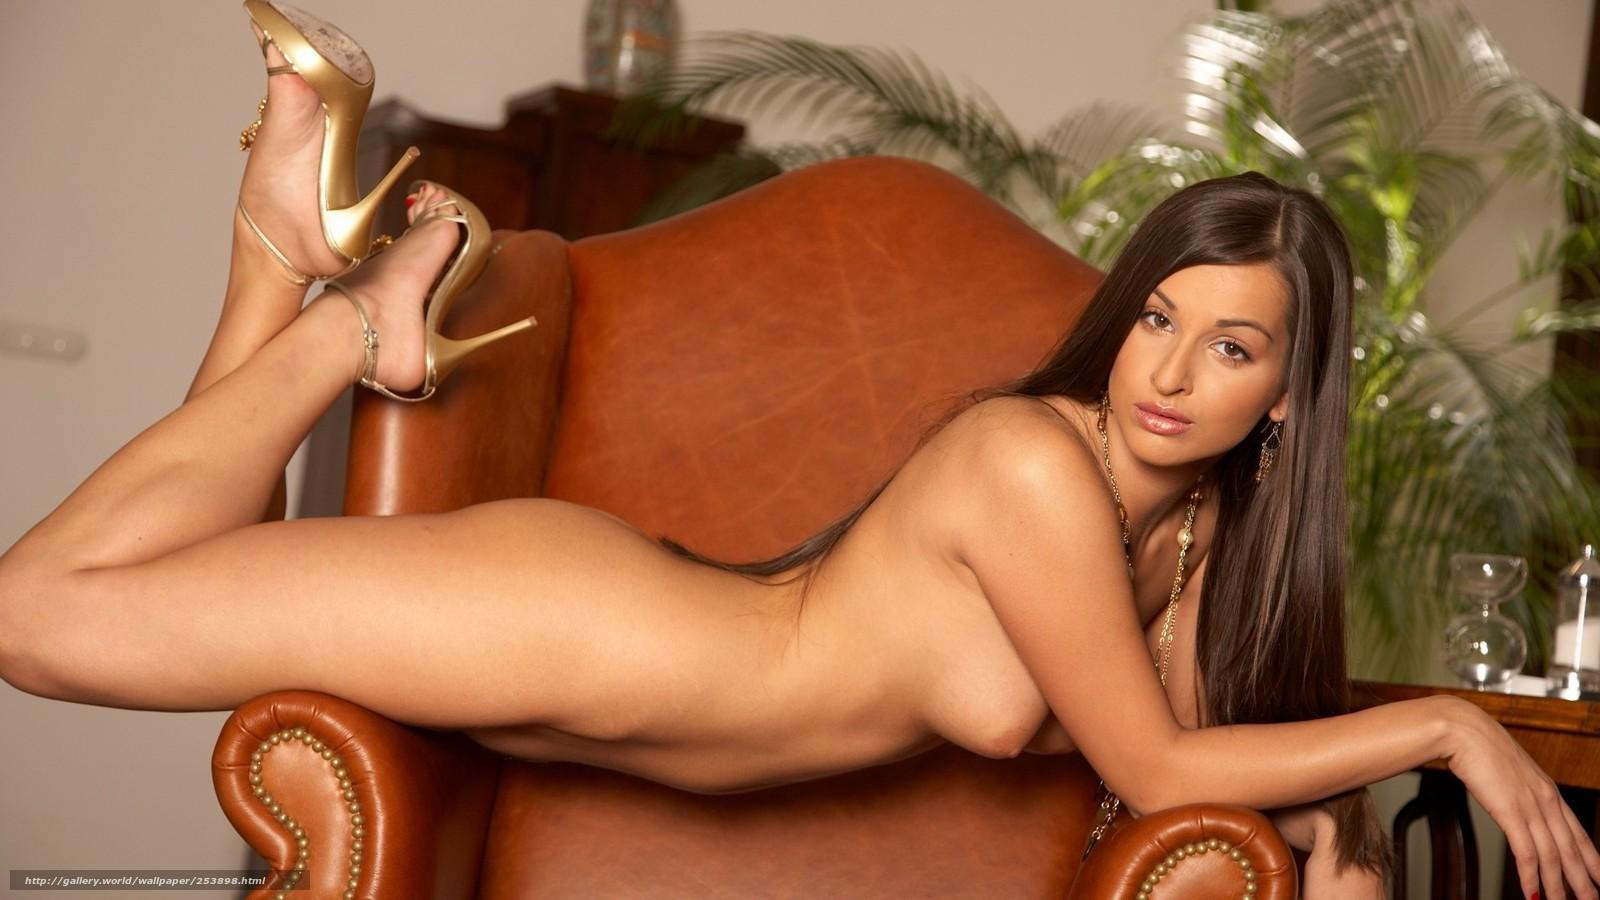 Фото красотки секси 23 фотография